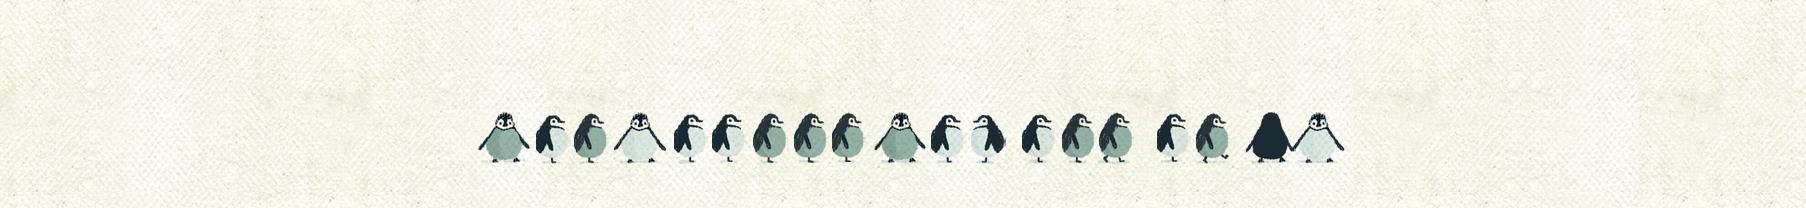 8b baby penguins.jpg